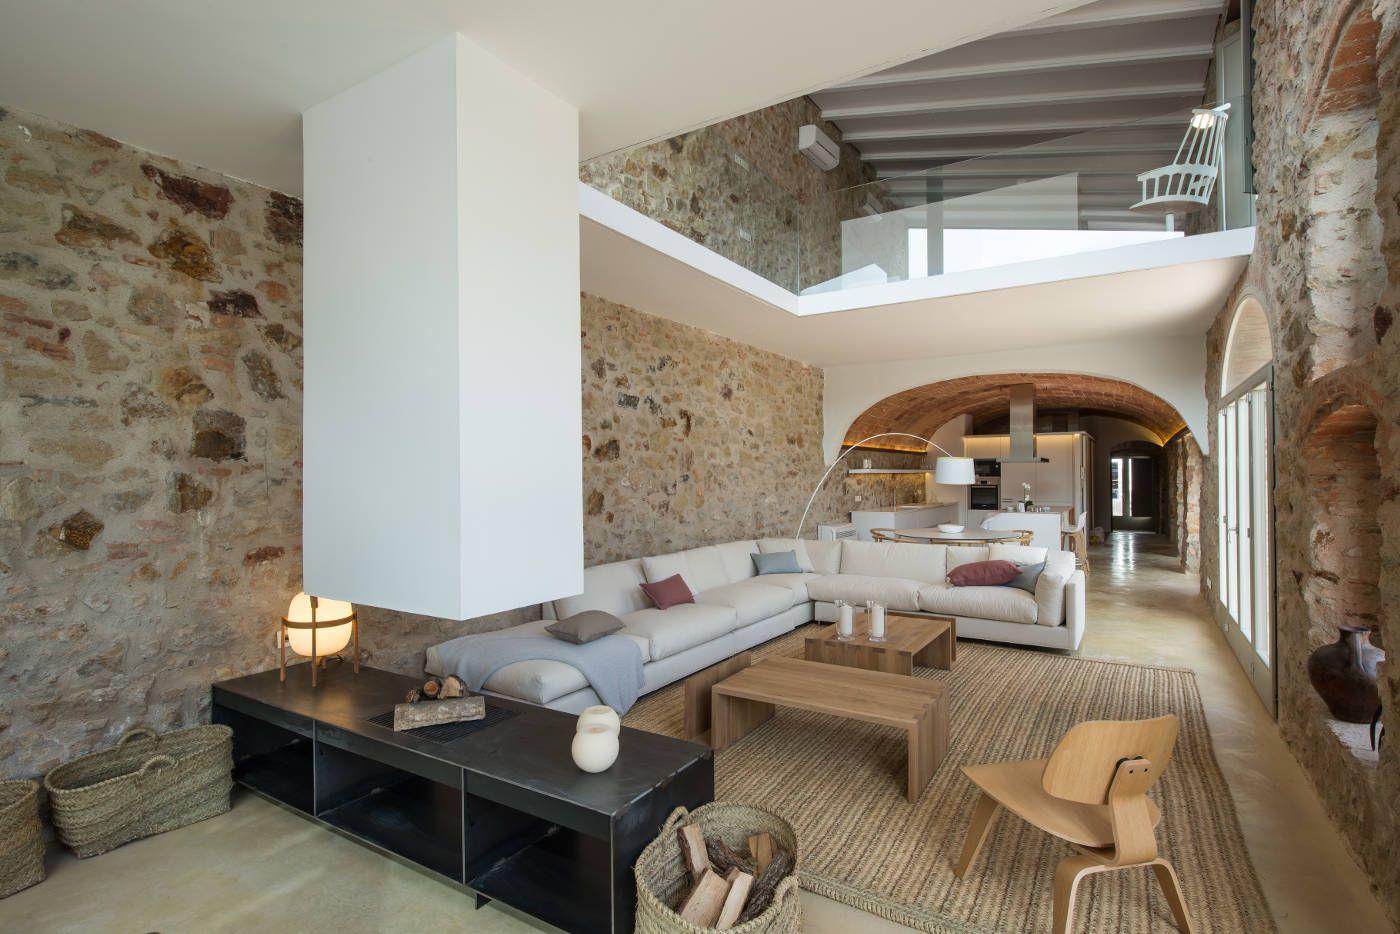 Rehabilitaci n e interiorismo de una casa de pueblo en la - Rehabilitacion de casas antiguas ...